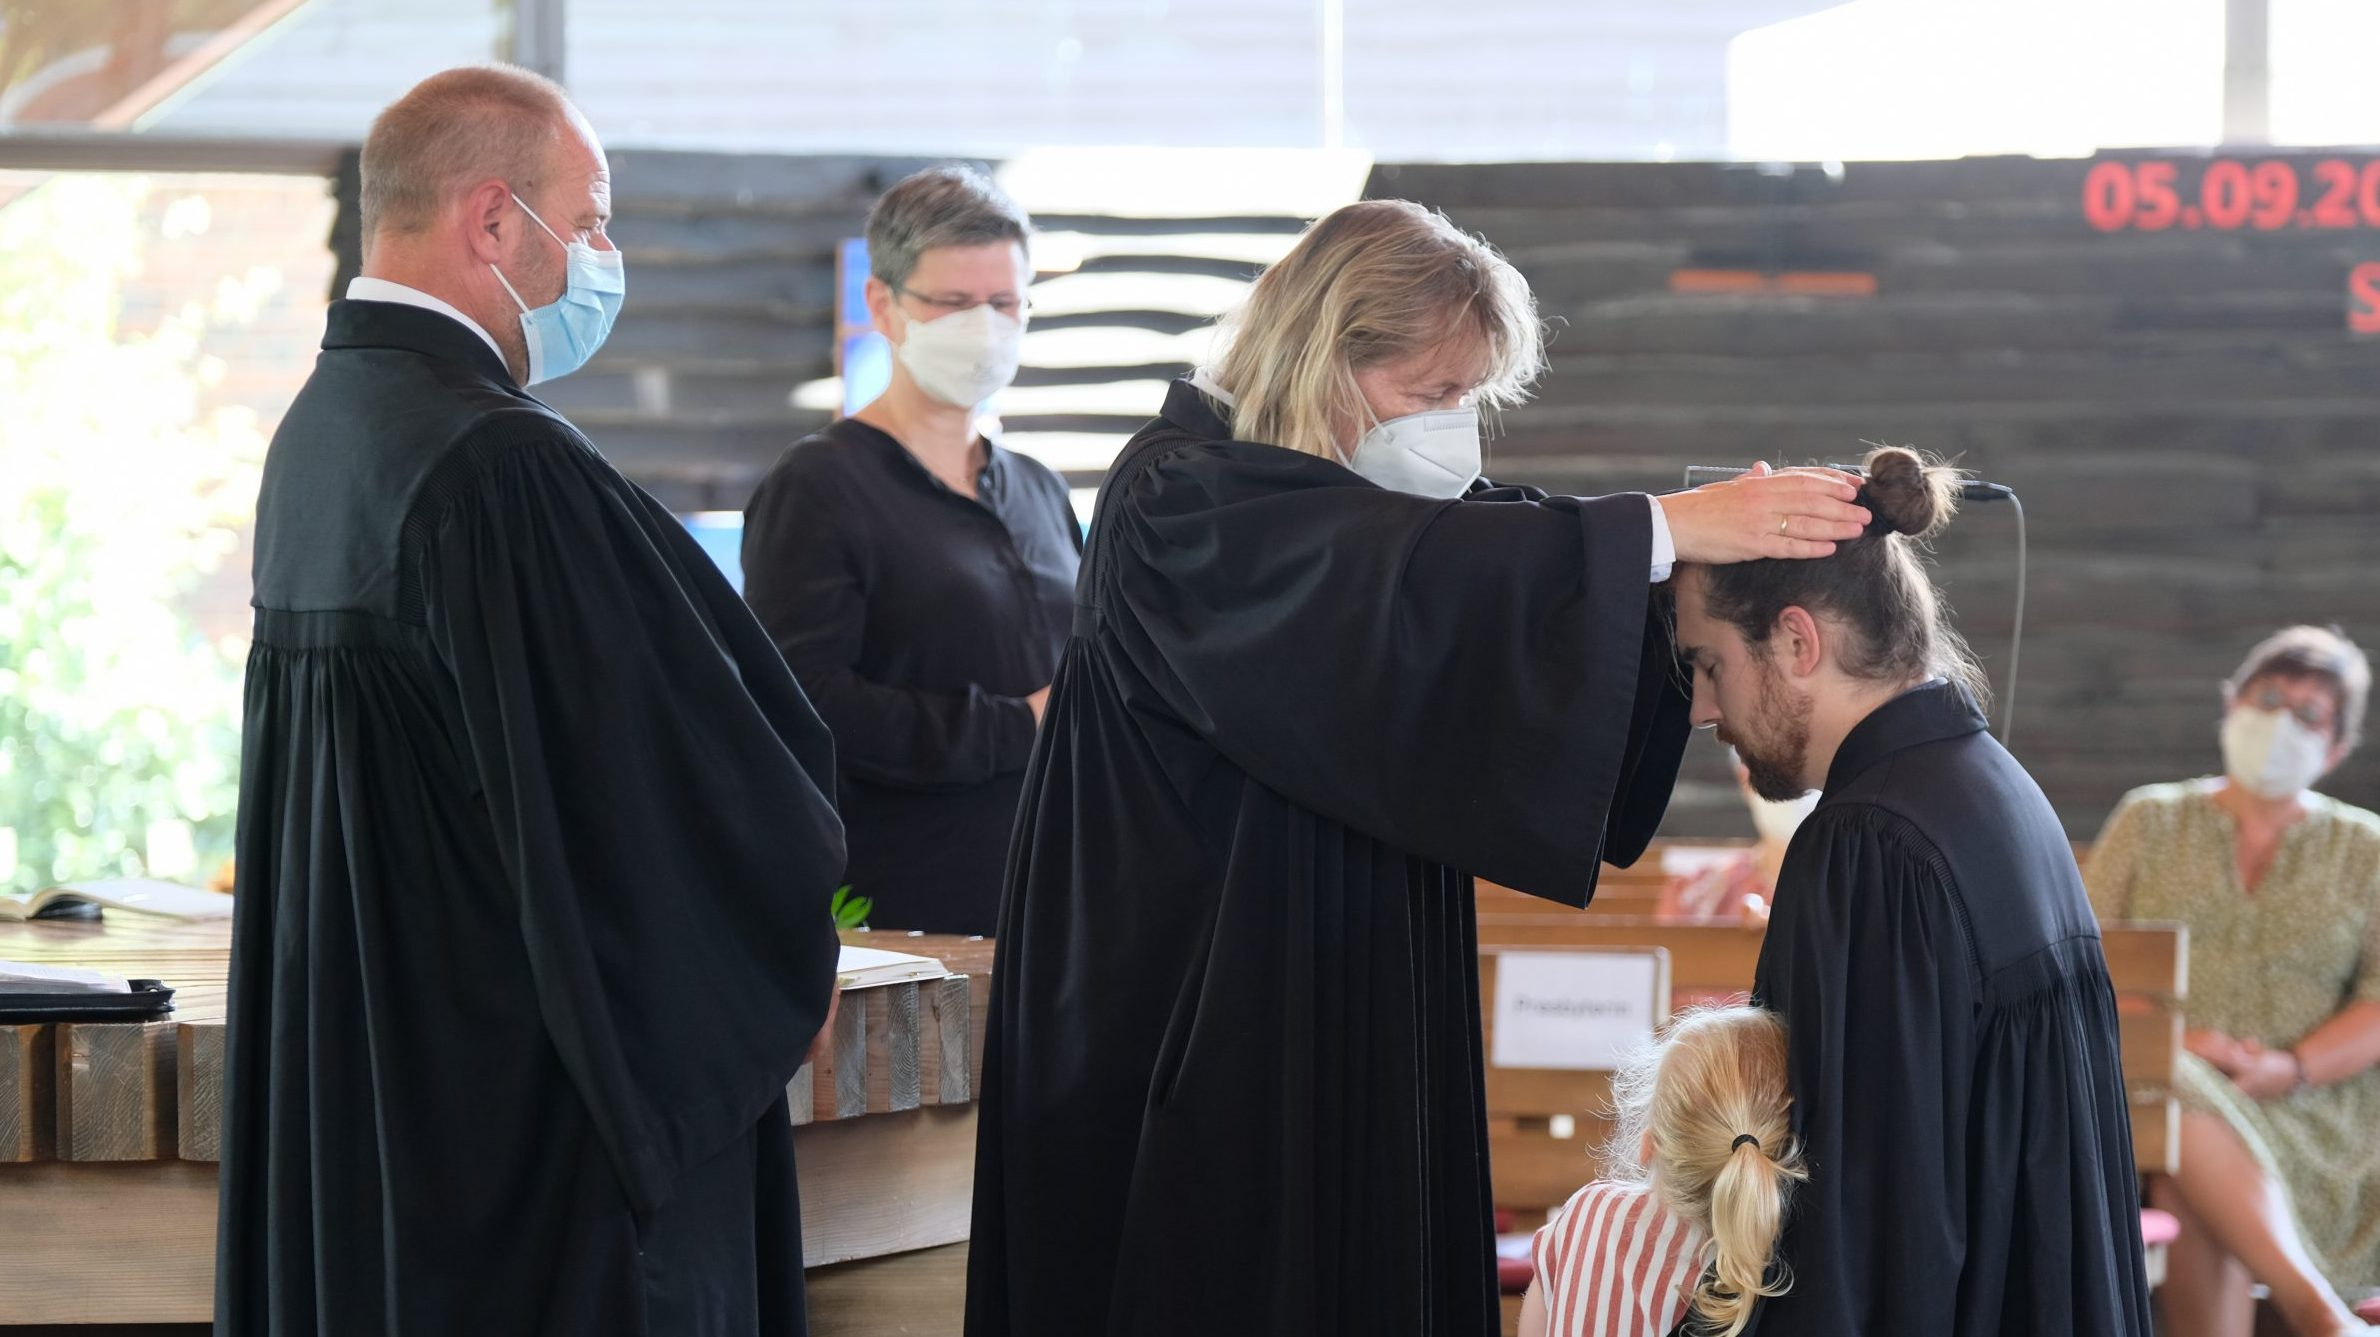 Amtseinführung von Pfarrer Samuel Dörr: Innerlich frei, doch mit Gott verbunden